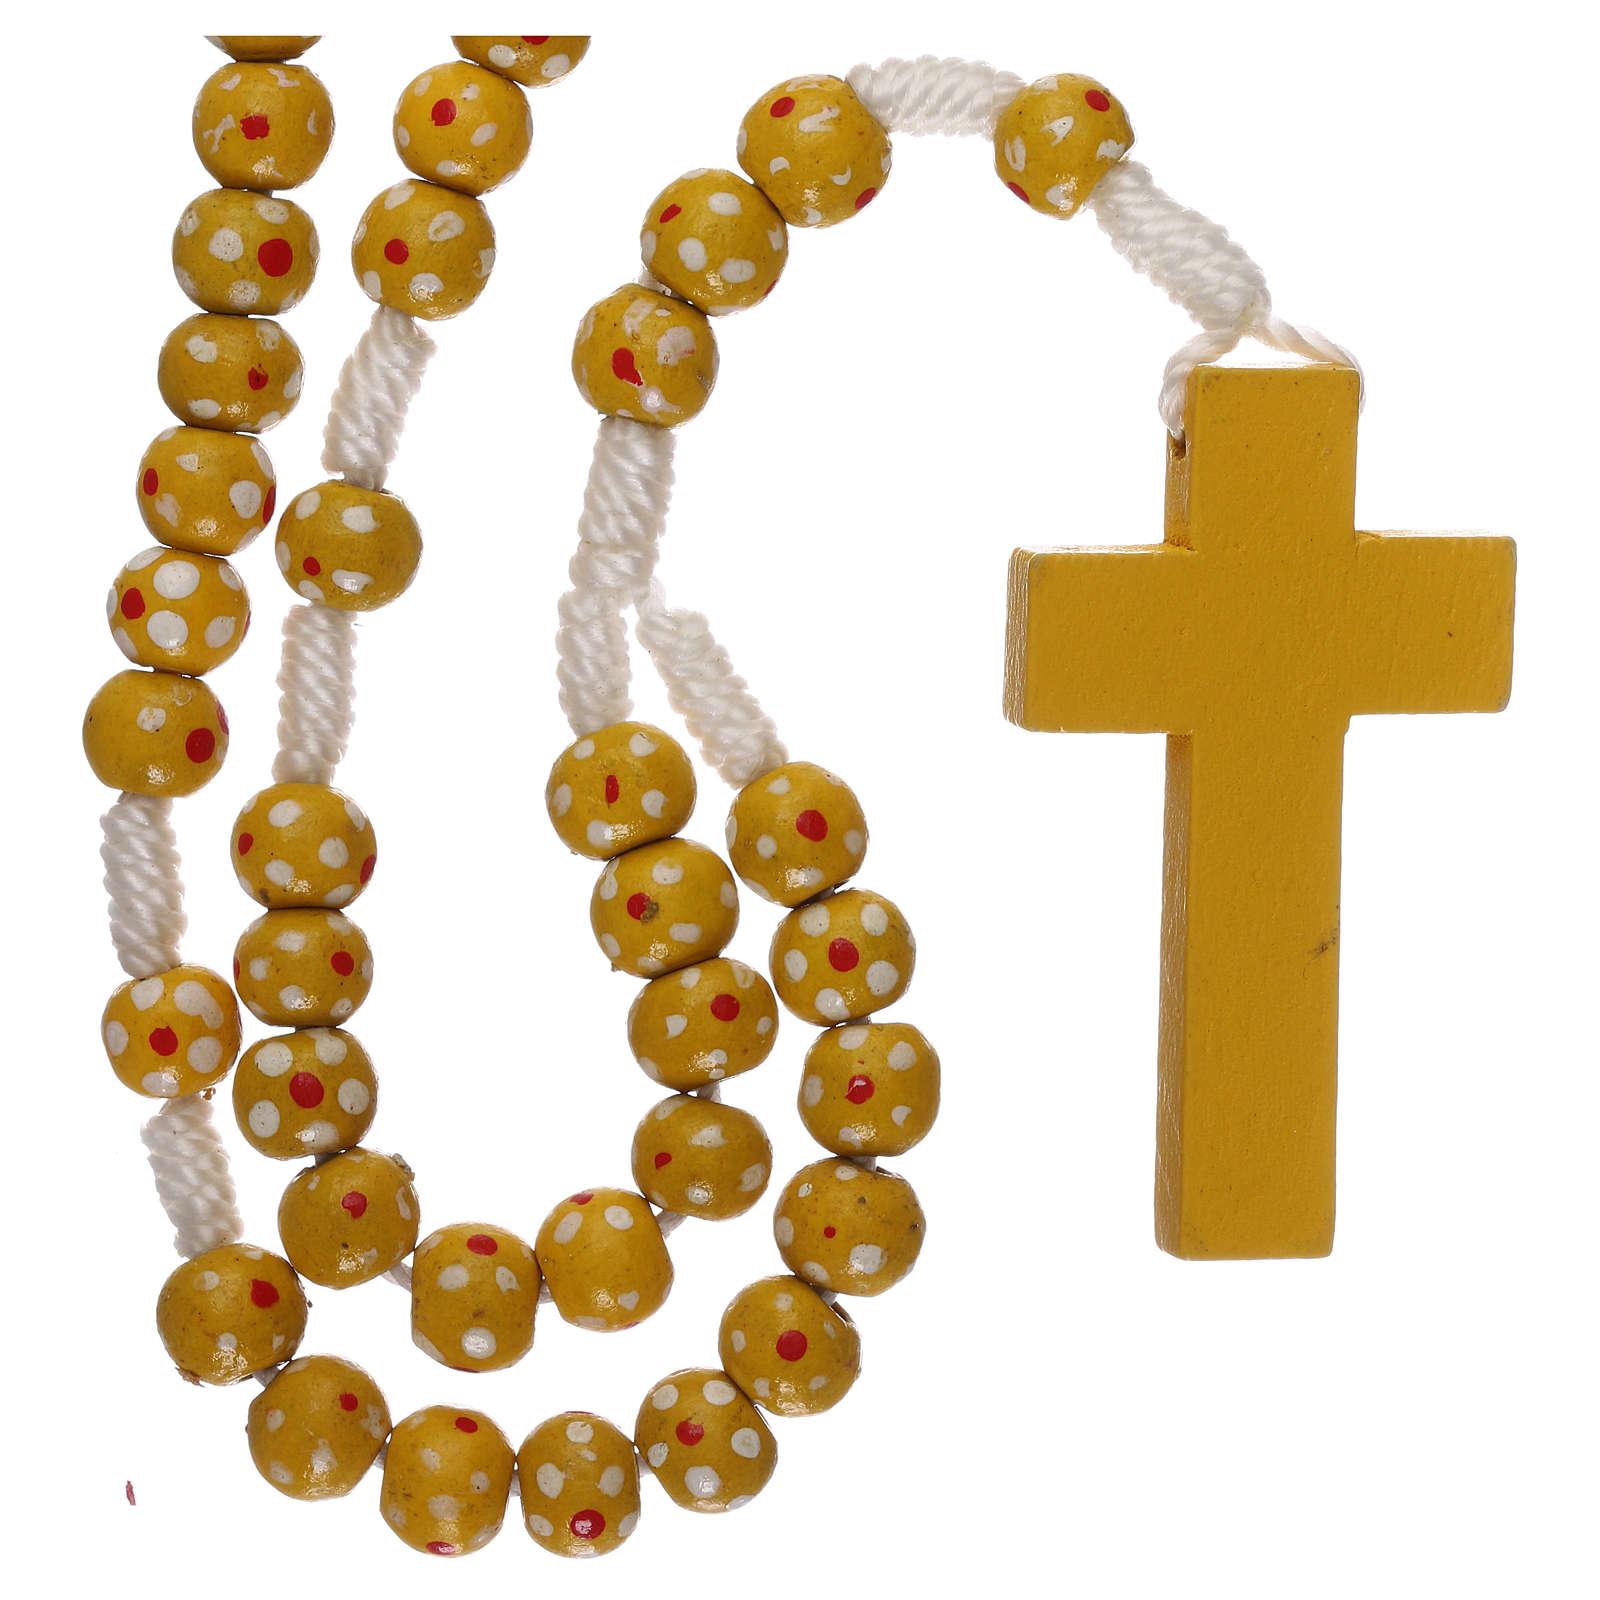 Rosario madera flor engarce cuerda diámetro mm 7 amarillo 4